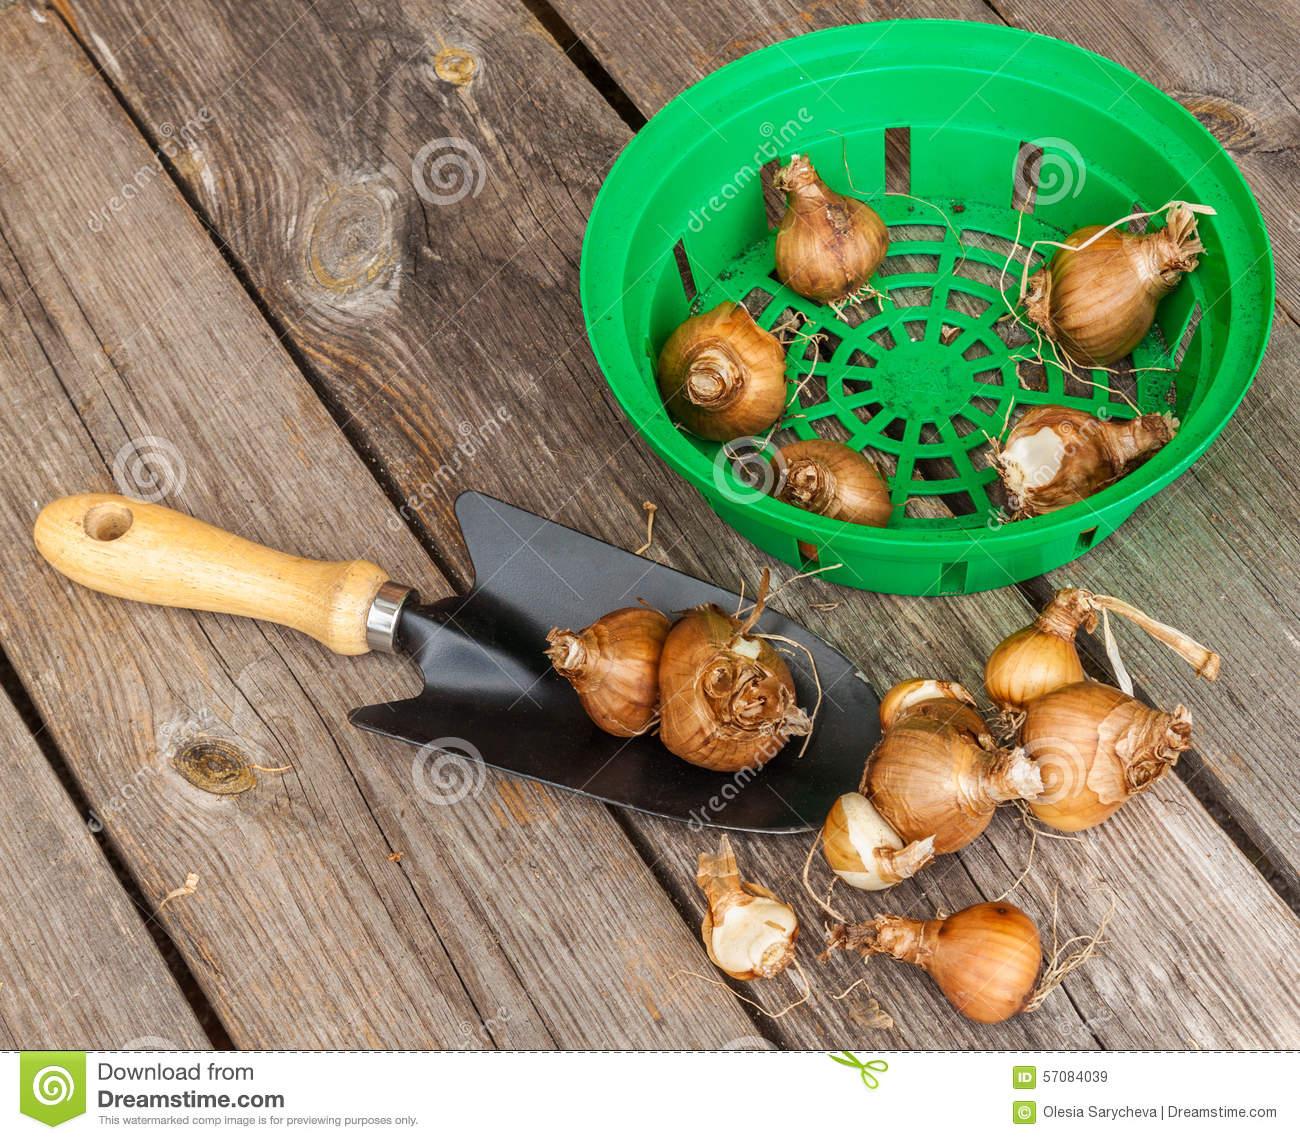 Quand planter des jonquilles l 39 atelier des fleurs - Quand planter les bulbes de tulipes et jonquilles ...